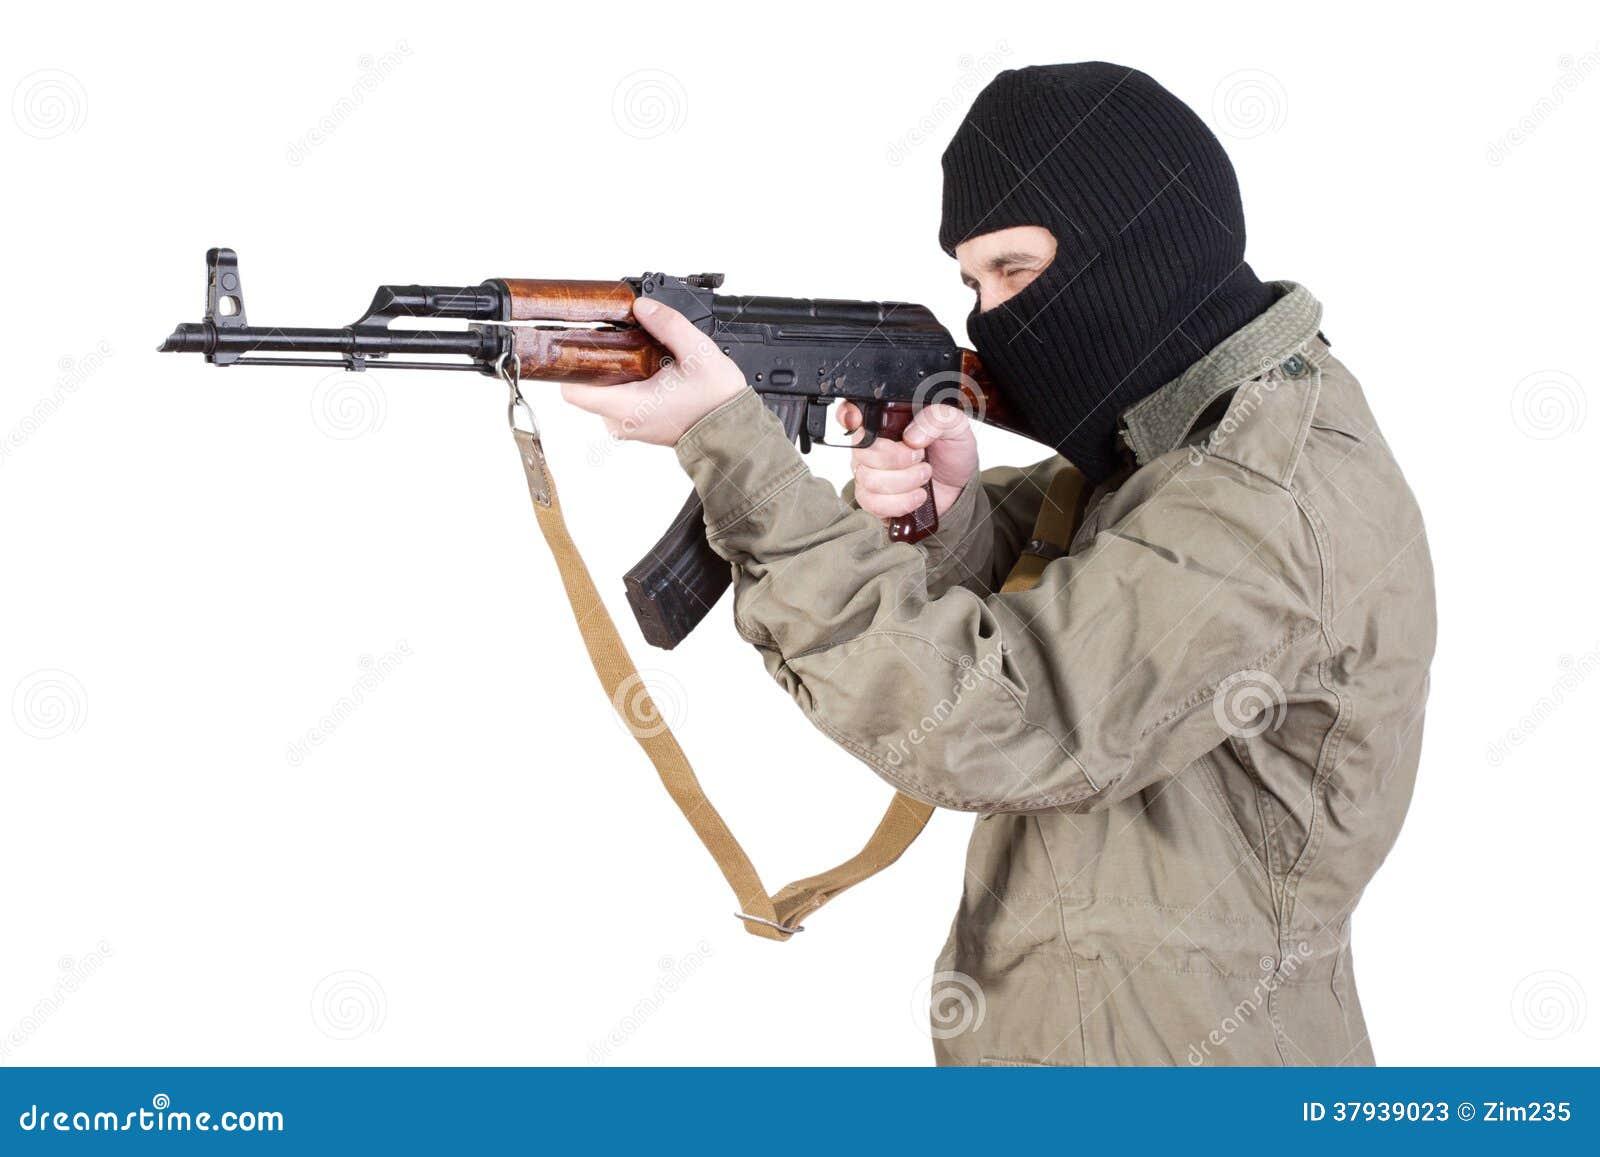 Shoting Terrorist